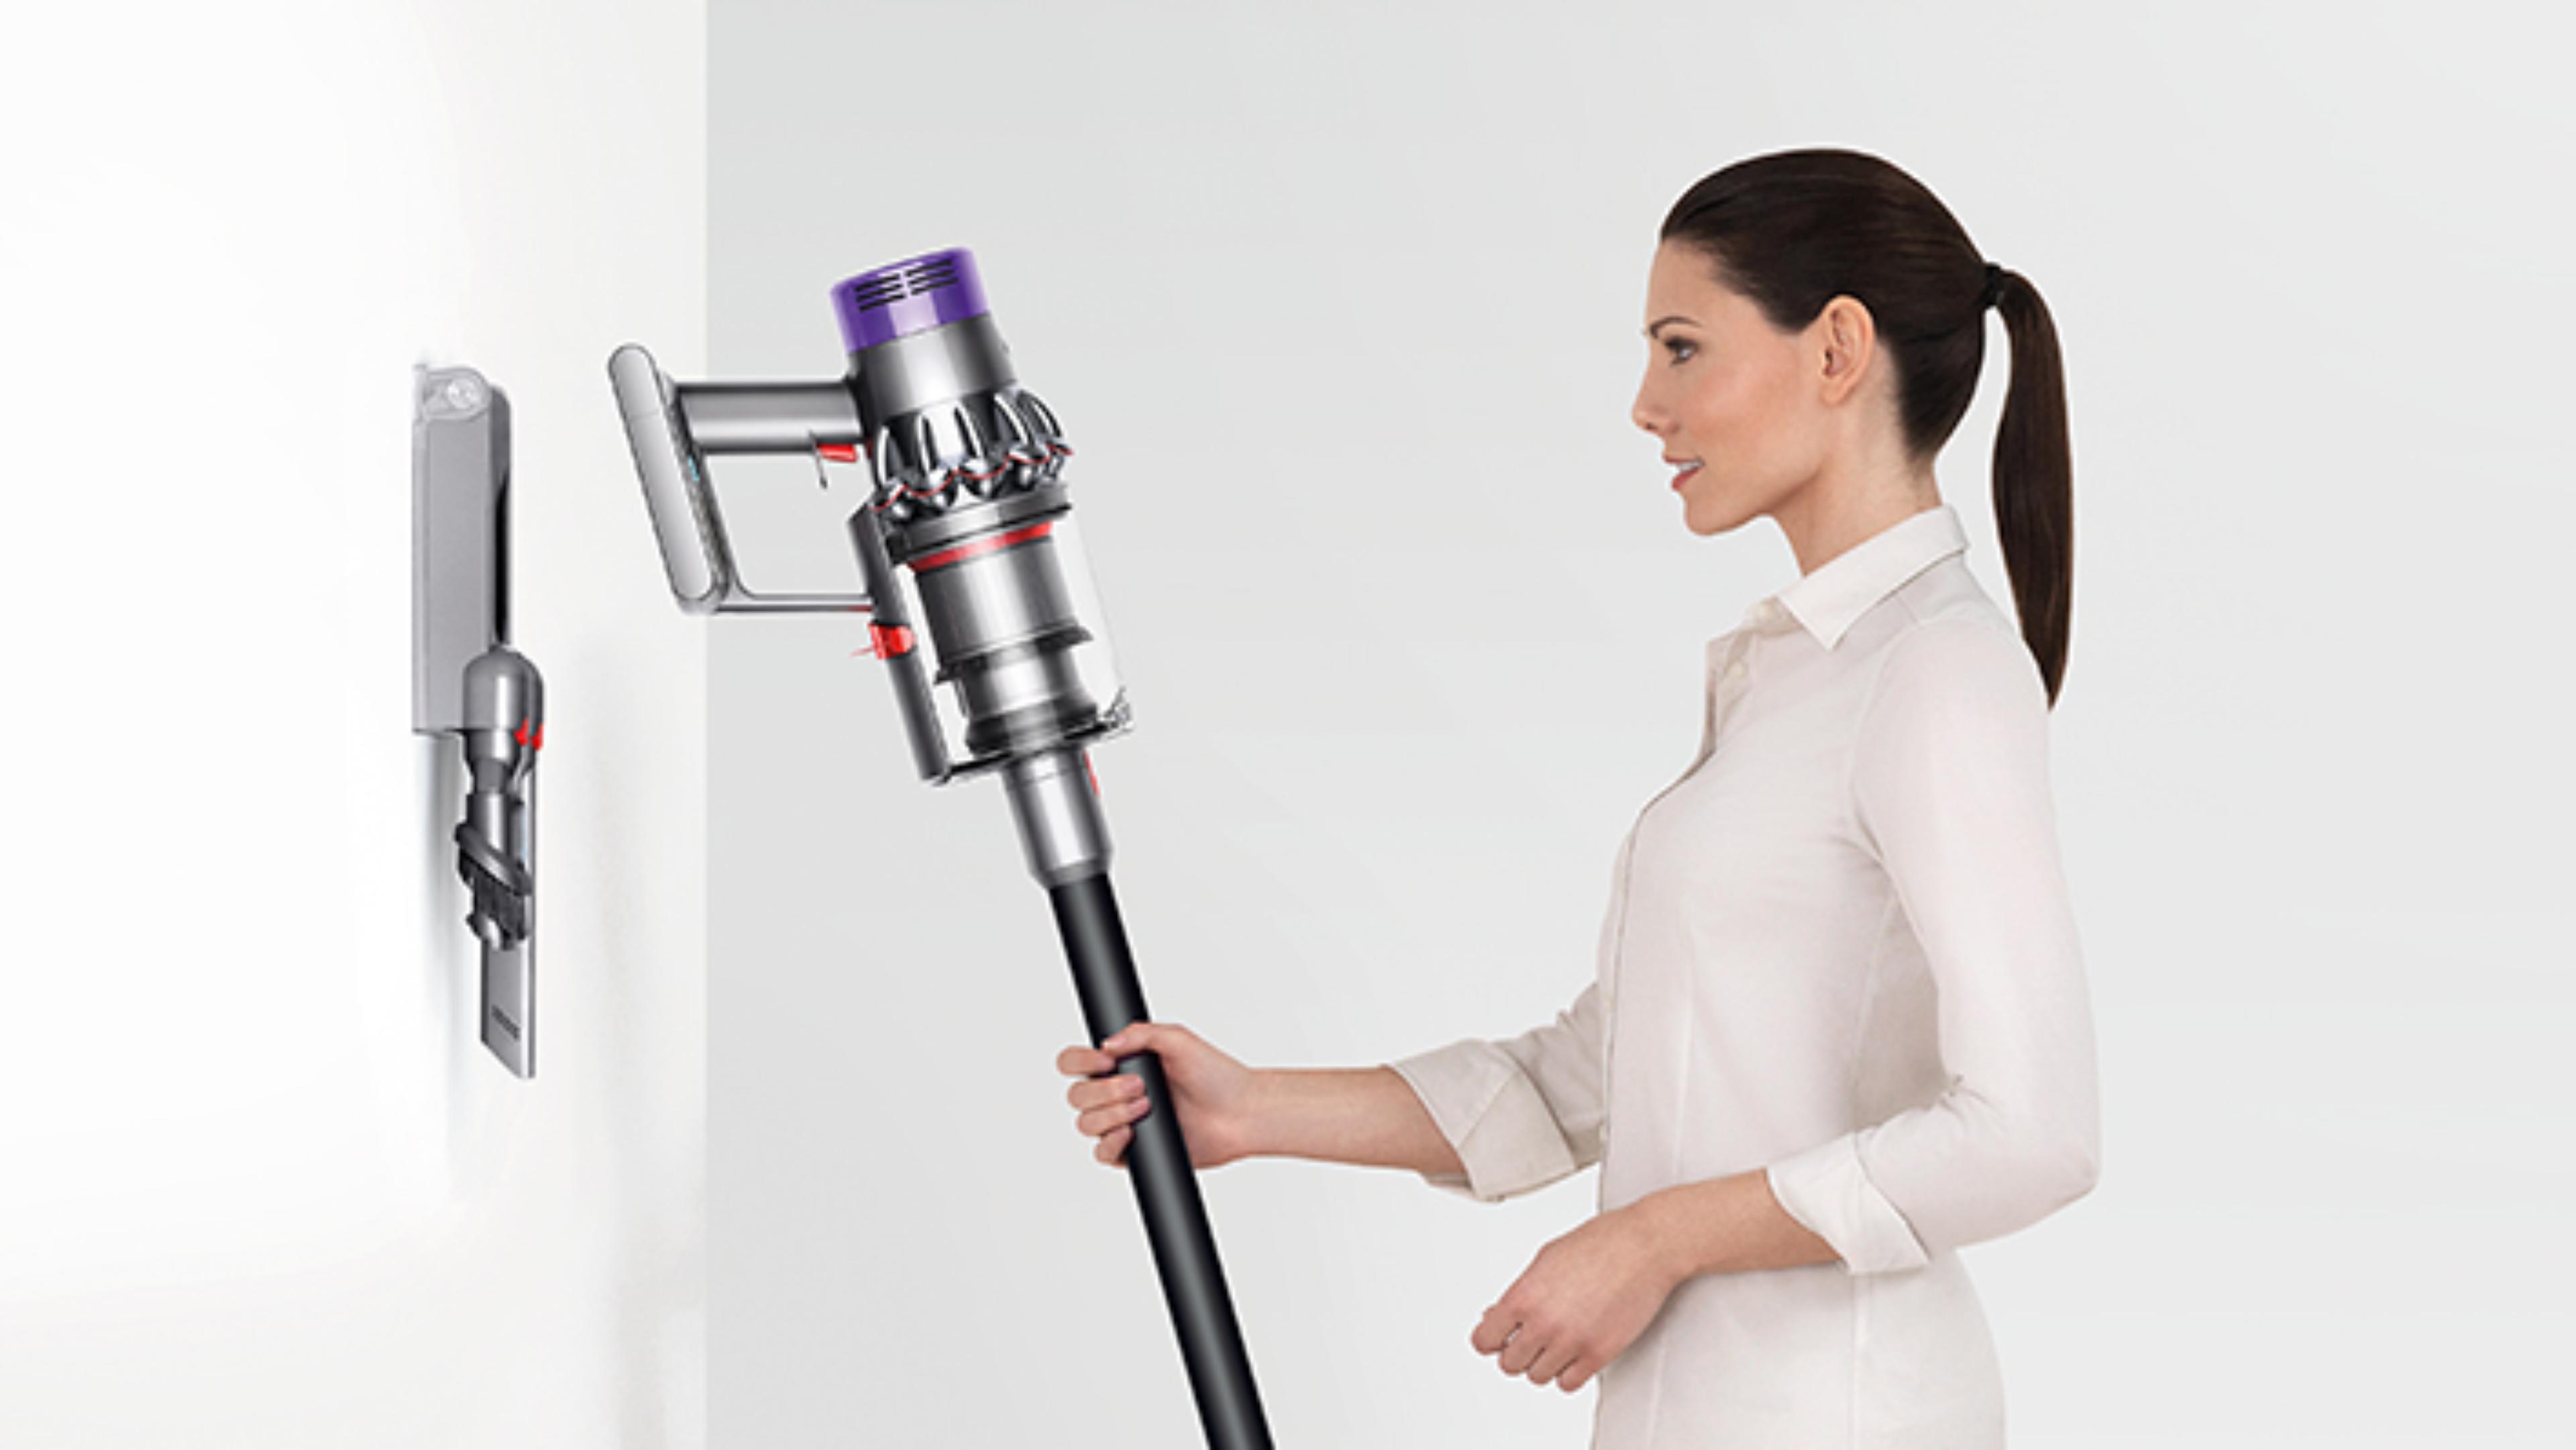 一位女性正在將Dyson Cyclone V10™ 吸塵機放入插入式充電底座